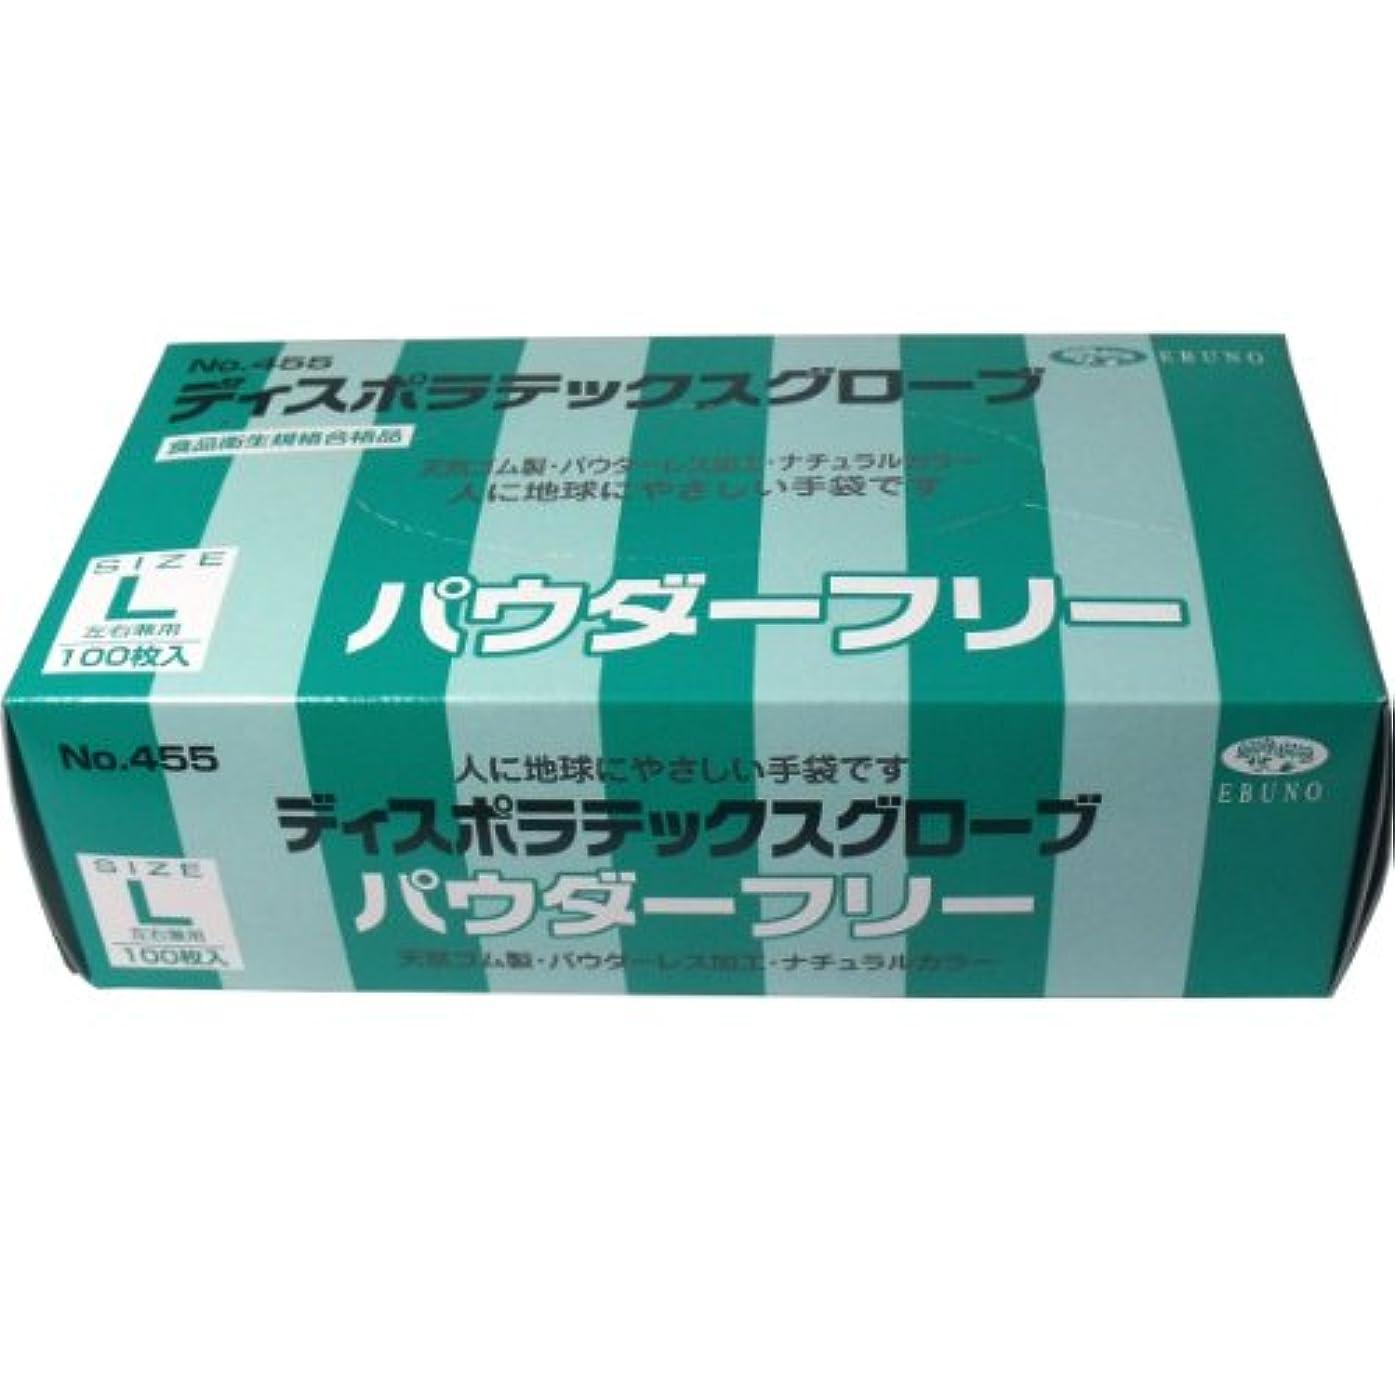 病んでいる版うぬぼれディスポ ラテックスグローブ(天然ゴム手袋) パウダーフリー Lサイズ 100枚入×2個セット